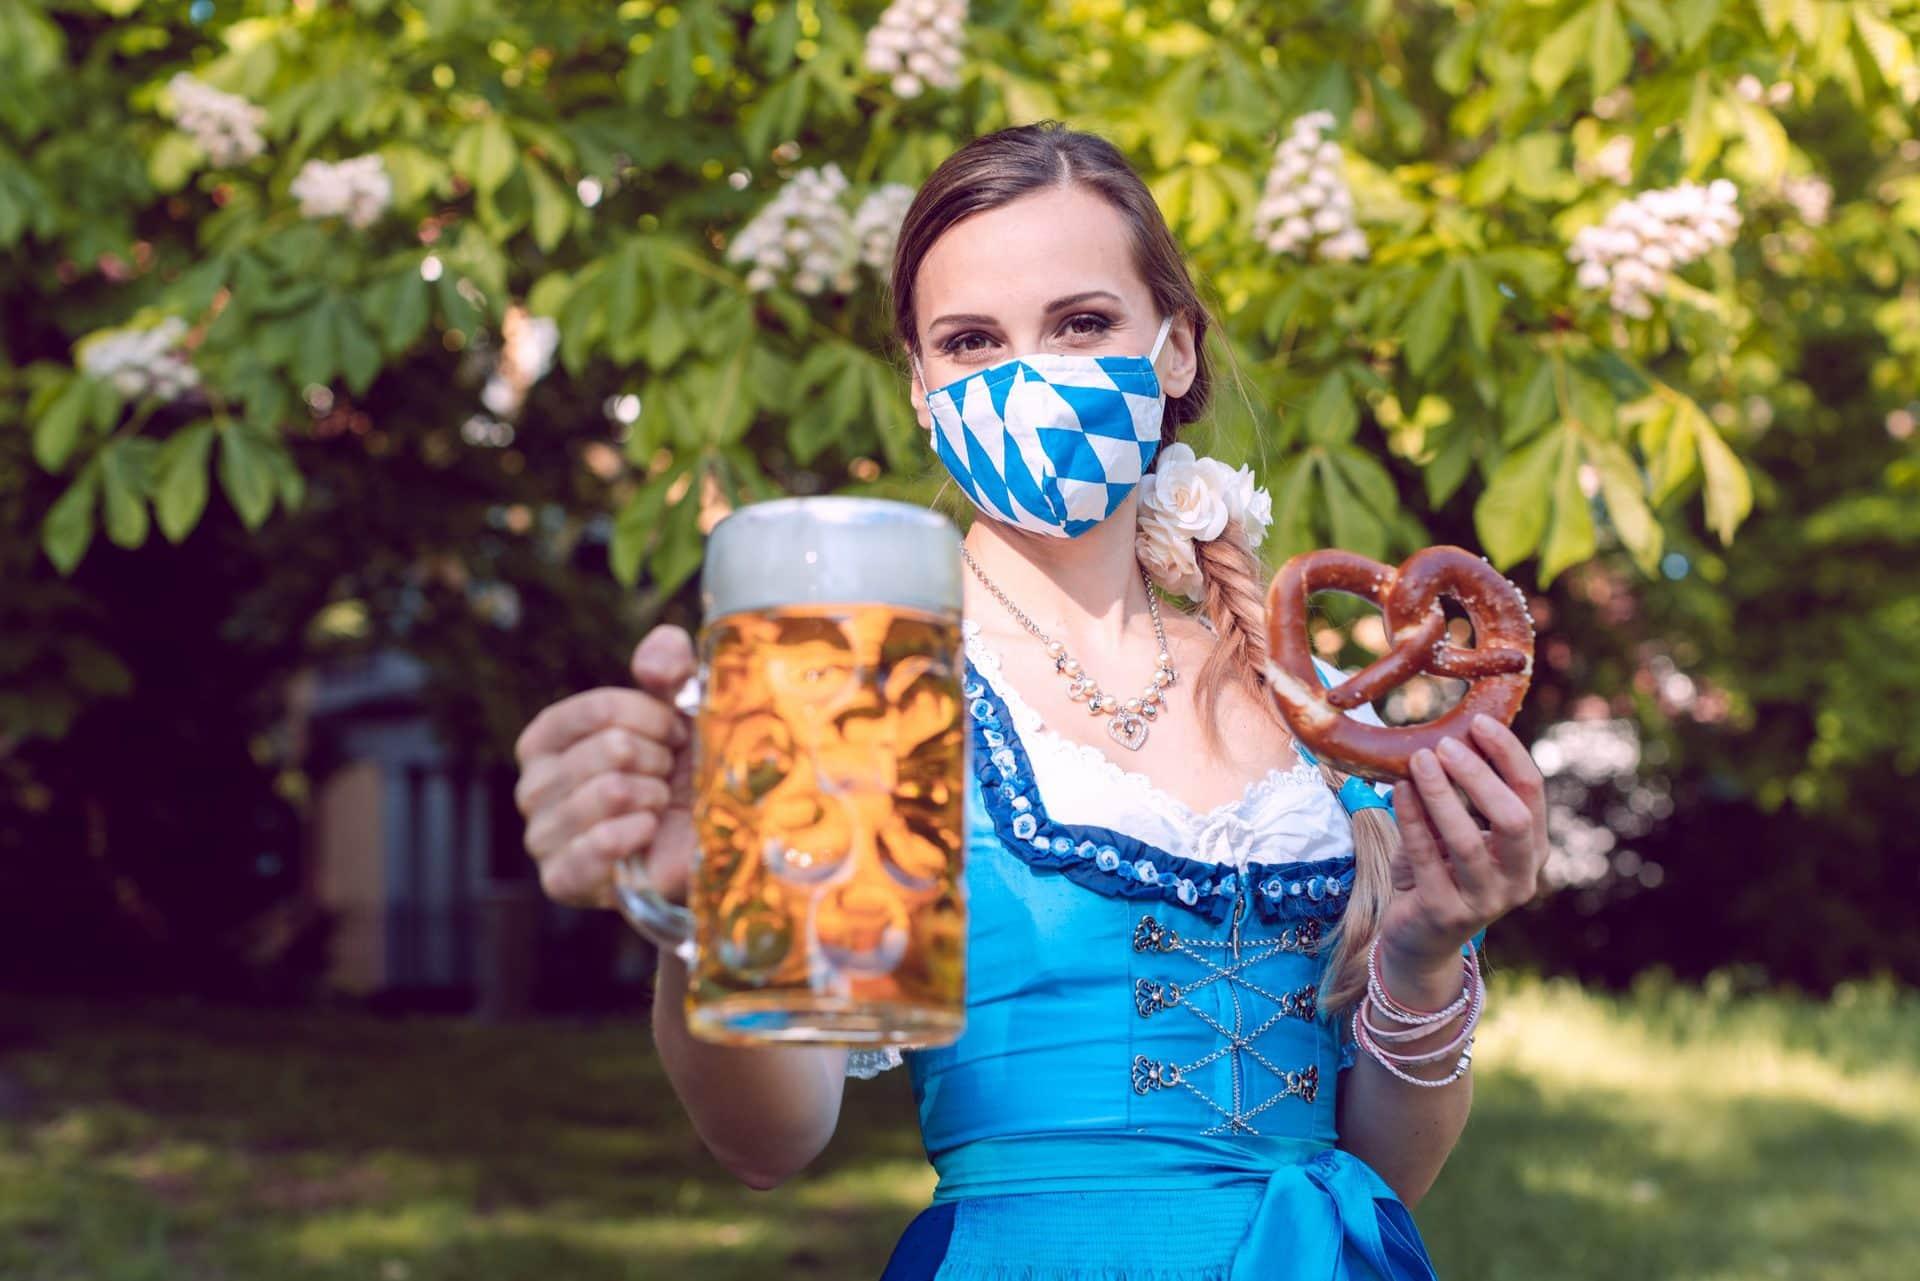 Sollte man Biergärten wieder öffnen? Ihre Meinung ist gefragt!